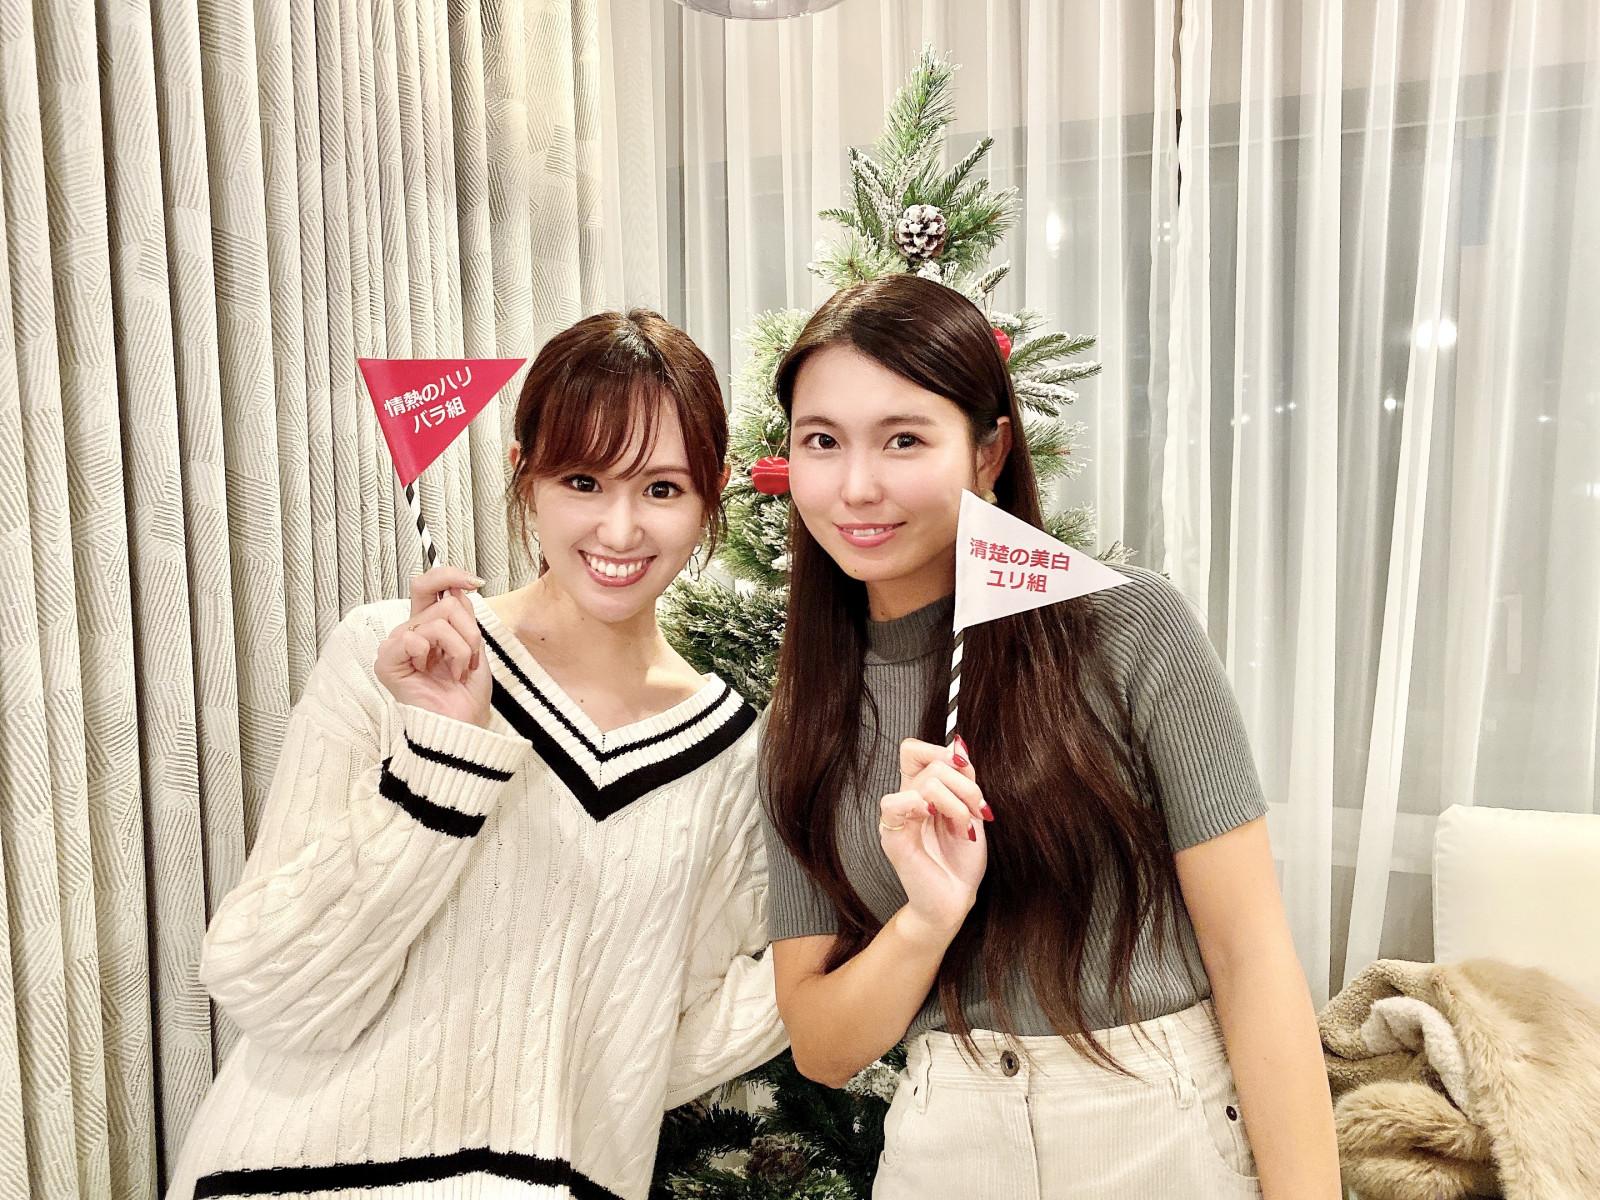 【イベント参加】アスタリフト Presents Beauty Party ♡